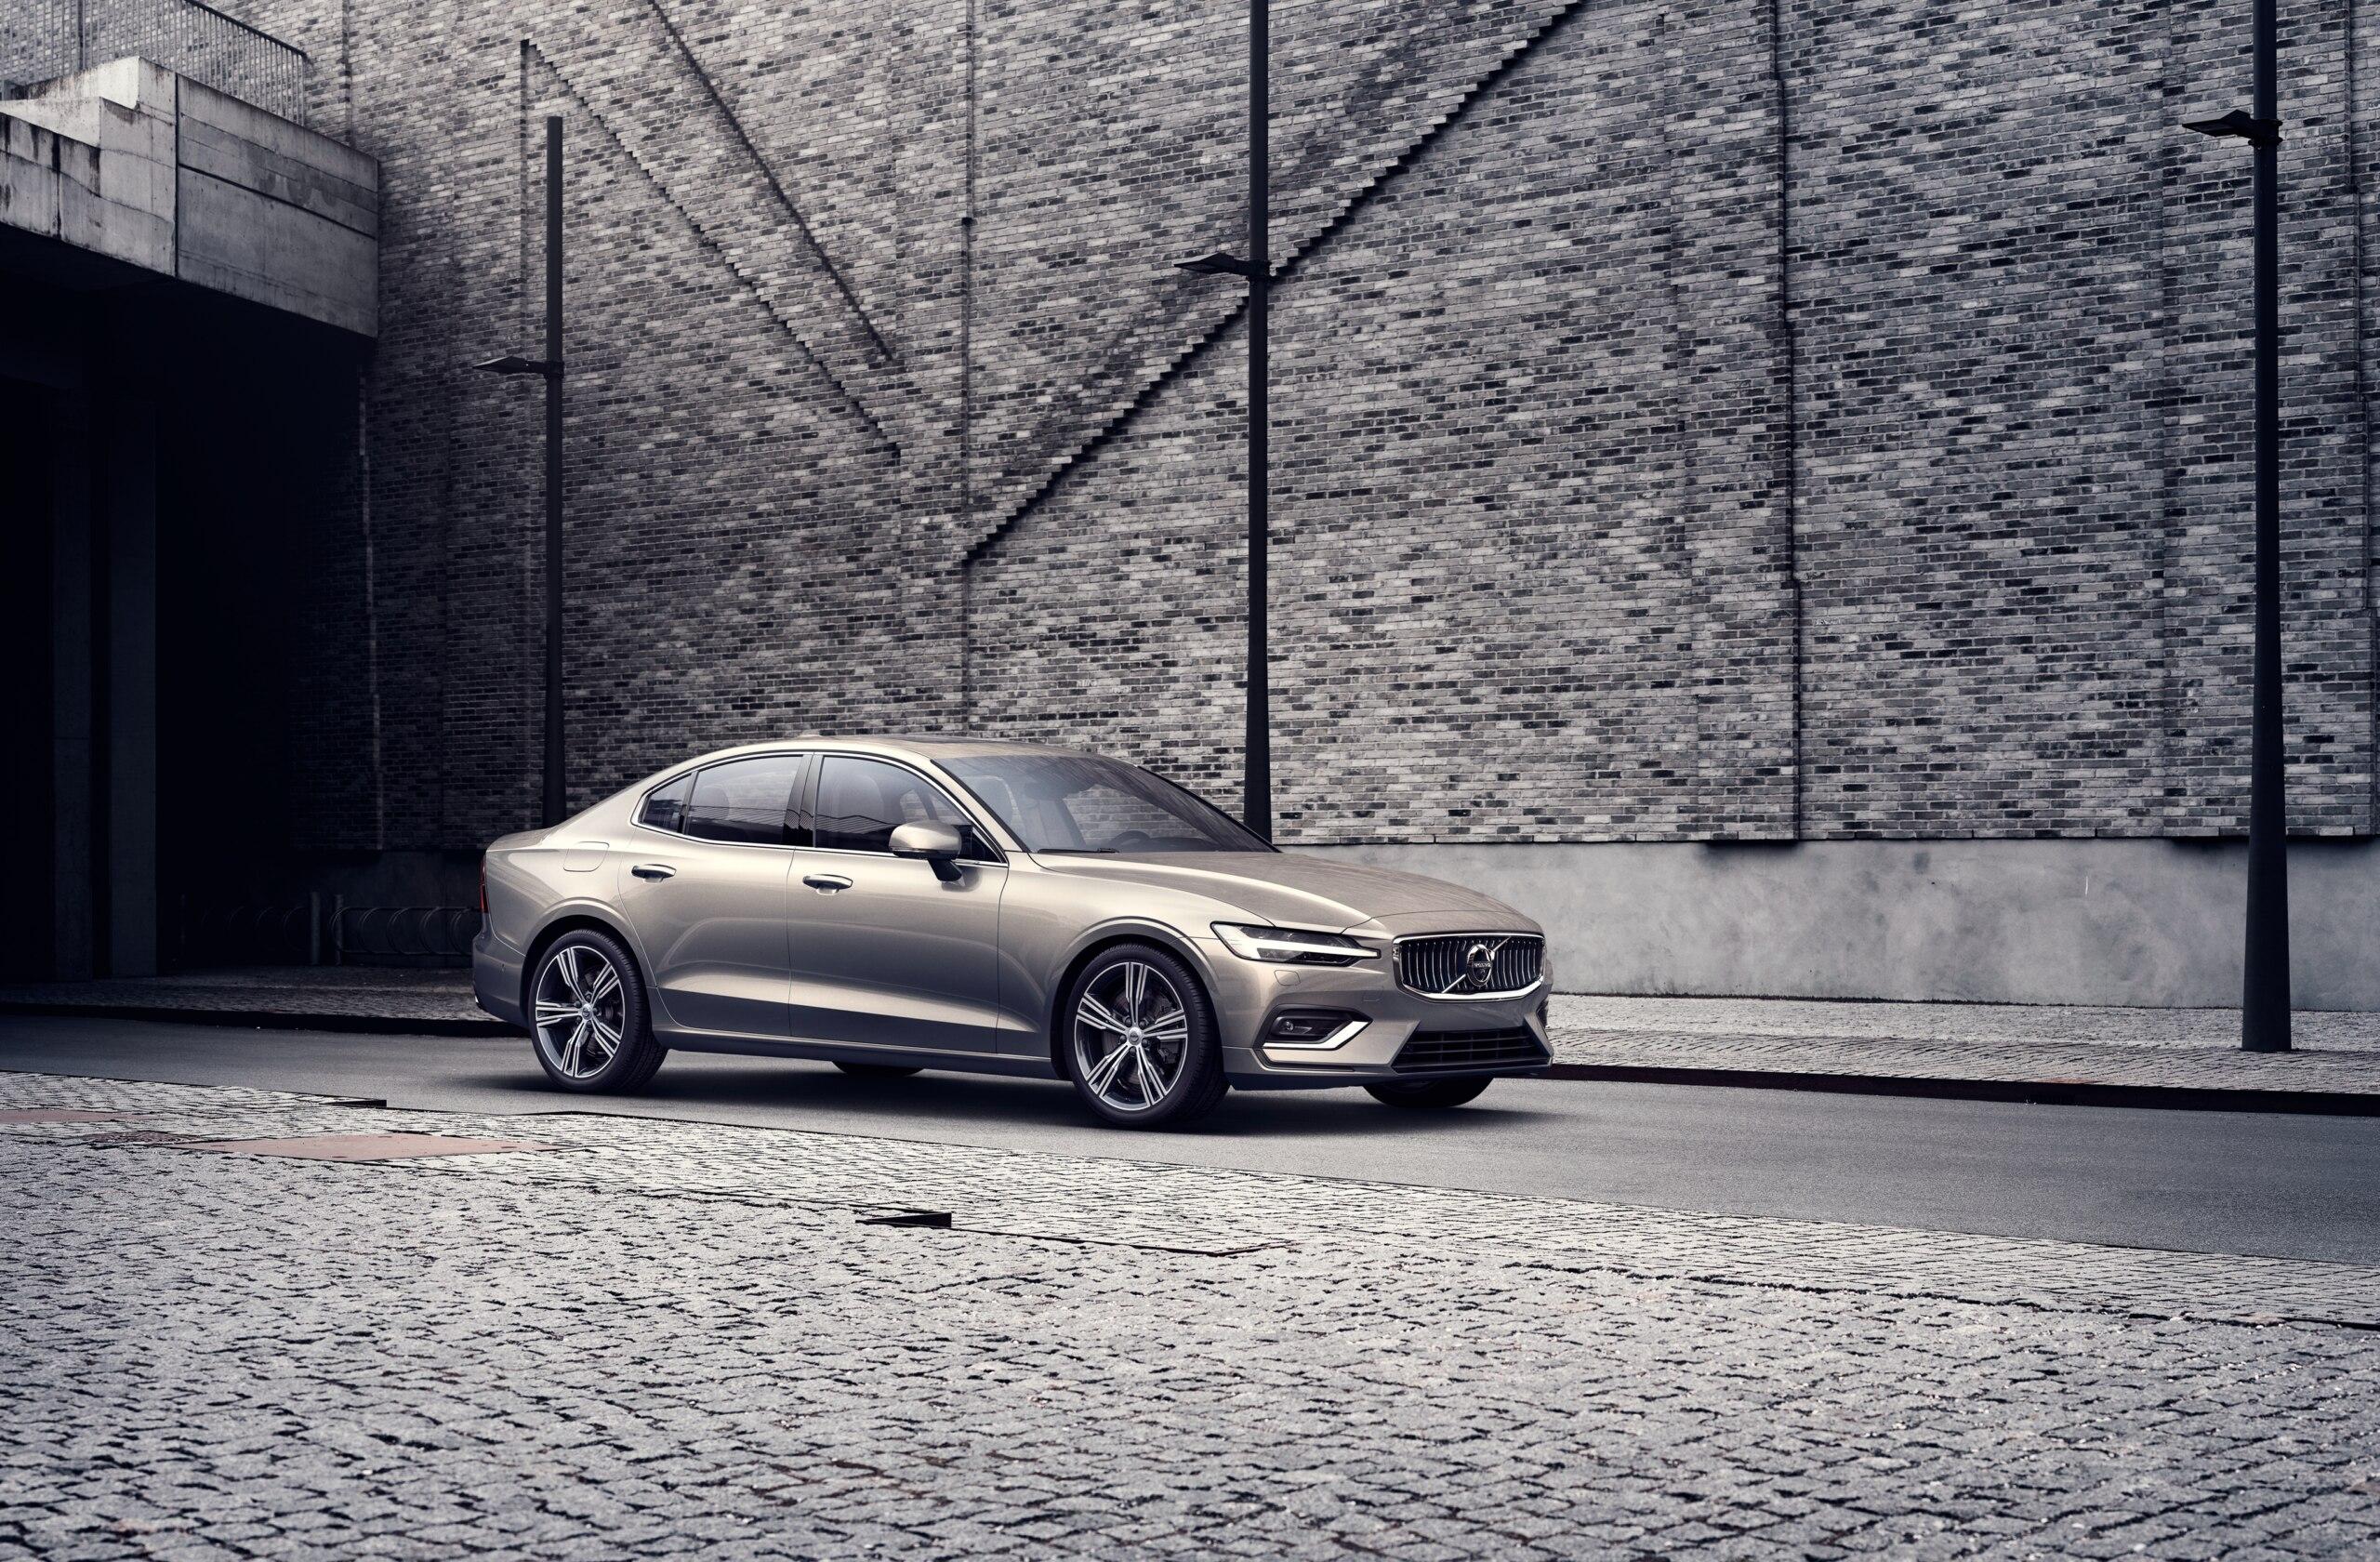 Доступная цена, пневмоподвеска, полный привод и лучший комплекс безопасности: новый Volvo S60 2021 года